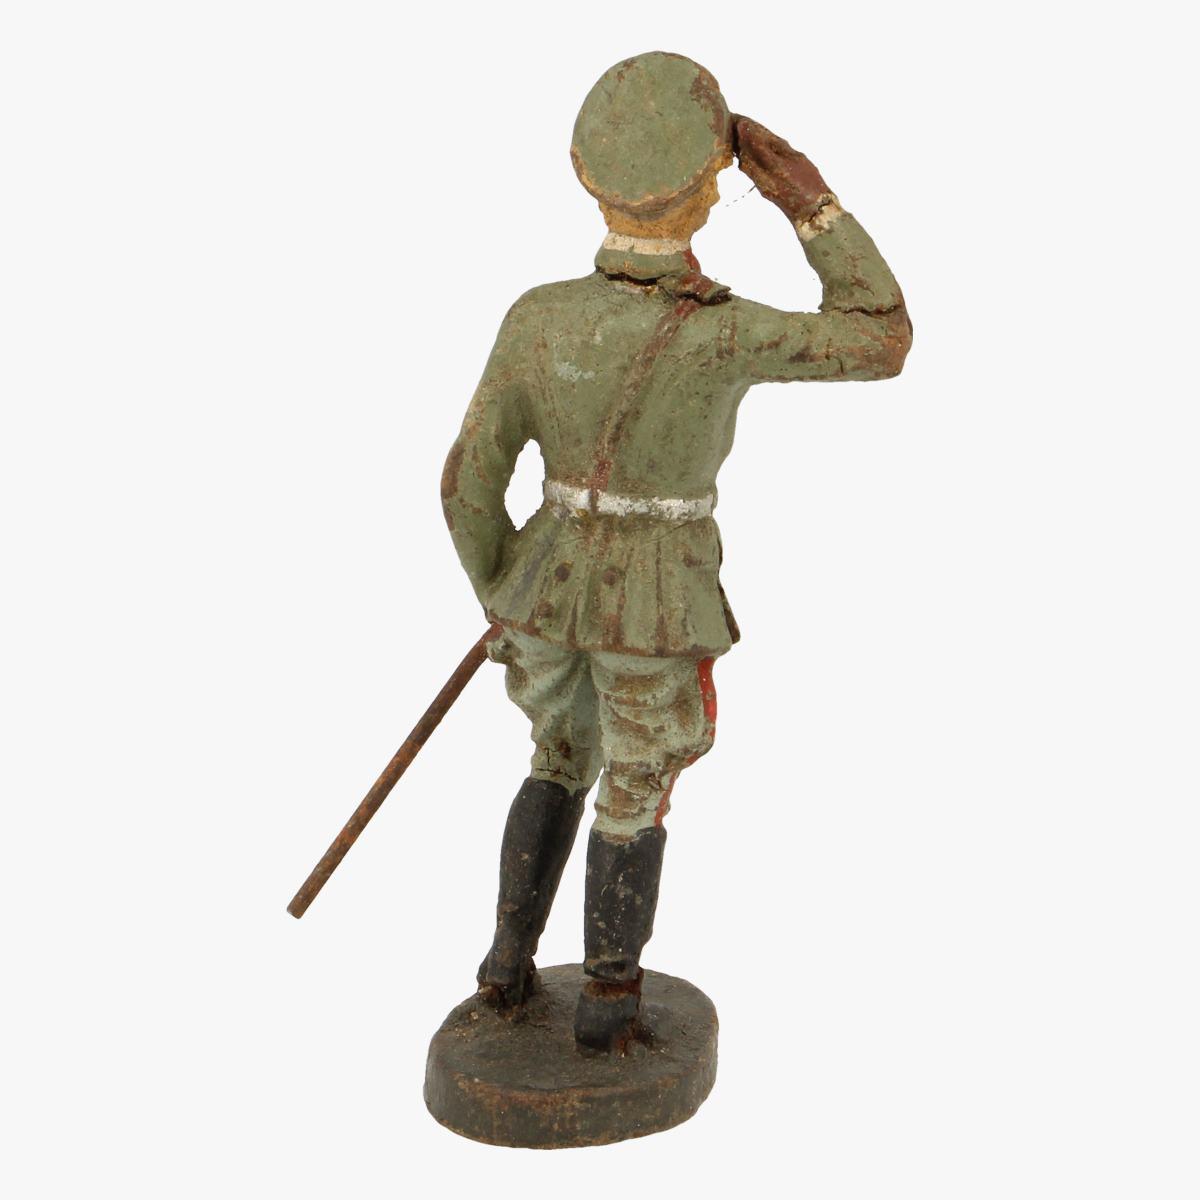 Afbeeldingen van elastolin soldaatjes fab:; elastolin Germany